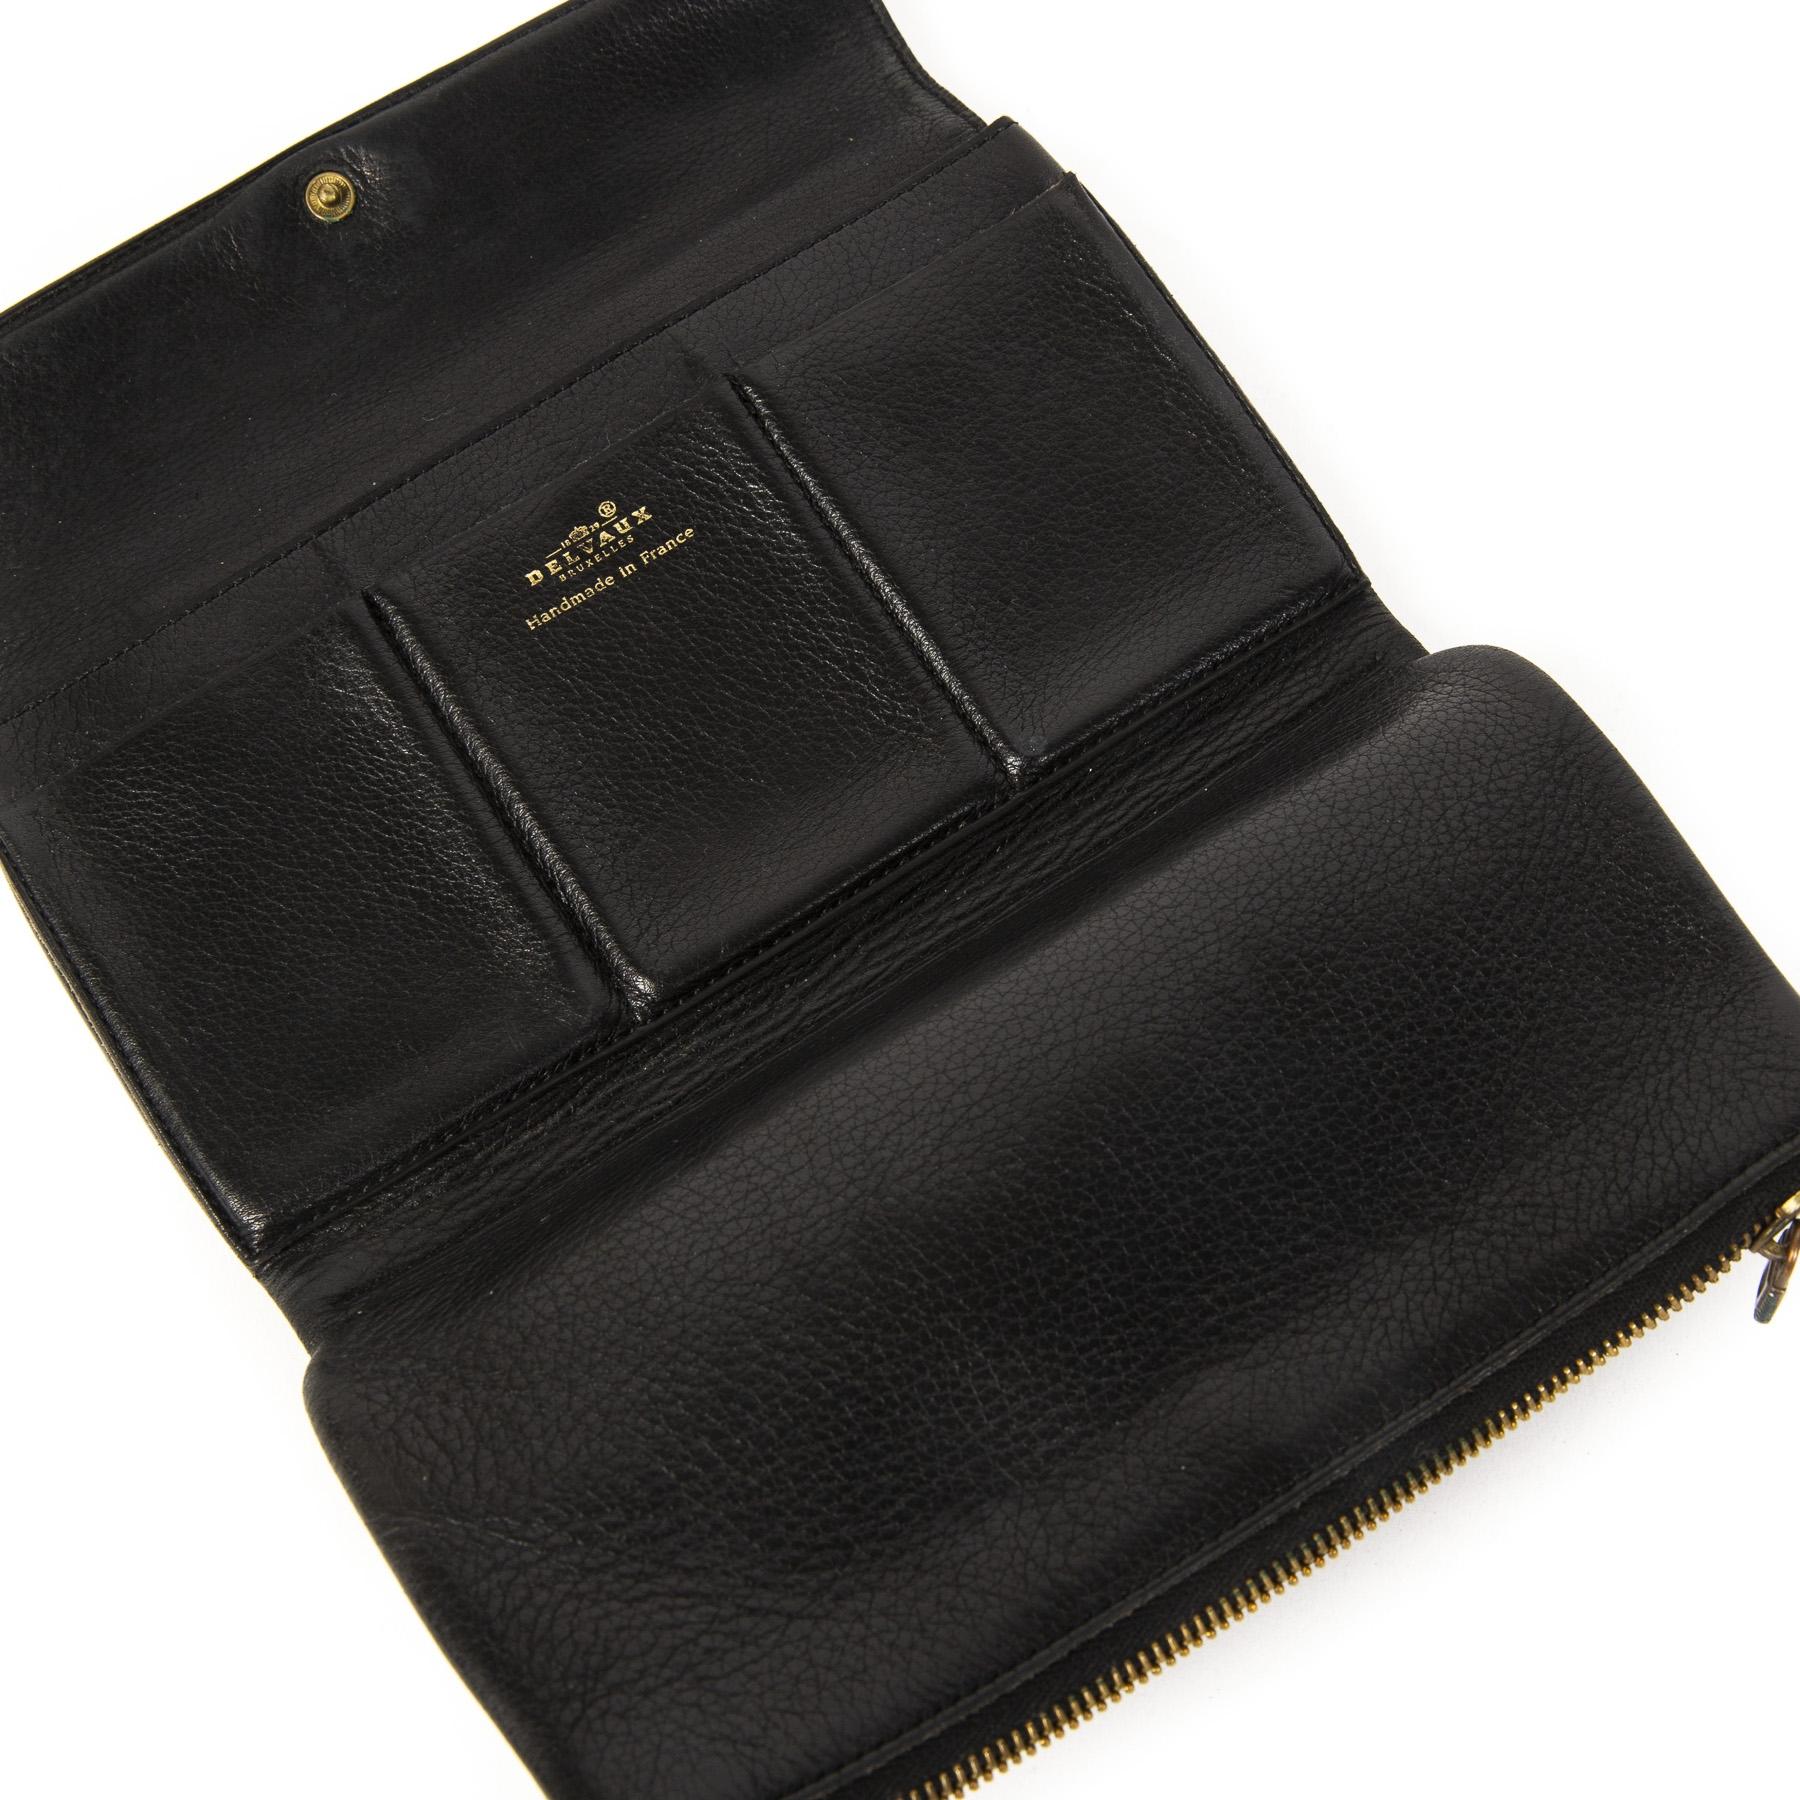 Authentieke tweedehands Delvaux Black Leather Wallet Silver D Logo juiste prijs veilig online winkelen LabelLOV webshop luxe merken winkelen Antwerpen België mode fashion